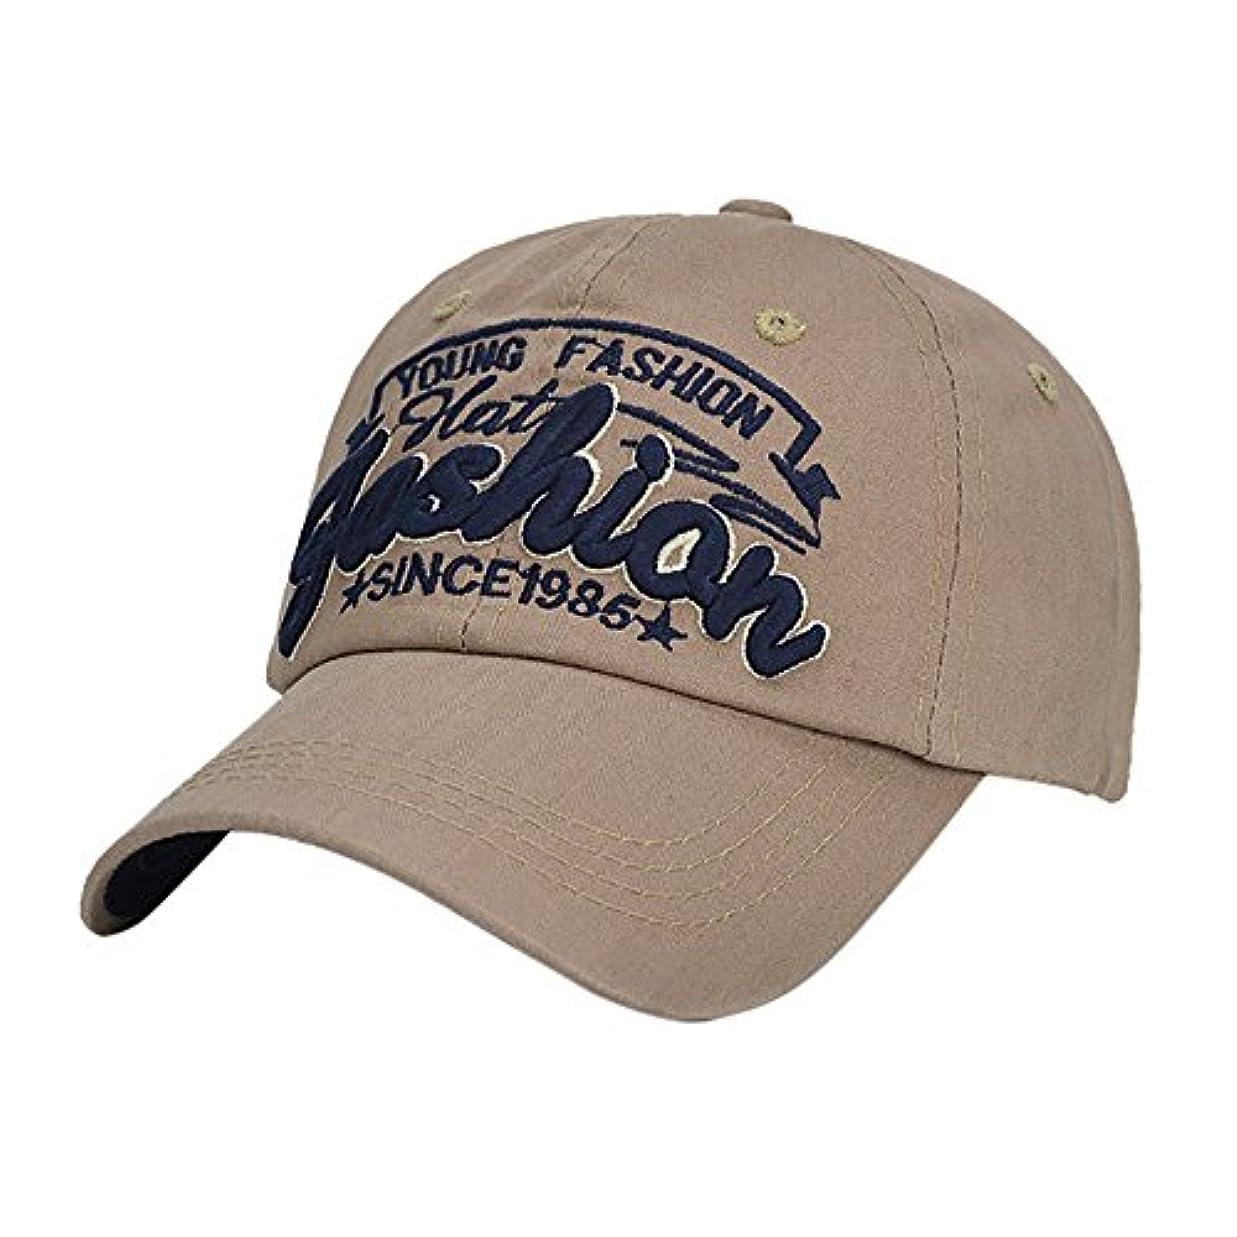 華氏いっぱいみぞれRacazing Cap ヒップホップ 野球帽 ストリートダンス 夏 登山 通気性のある 帽子 パール ビーディング 可調整可能 日焼け止め 棒球帽 UV 帽子 軽量 屋外 女性向 Hat (コーヒー)